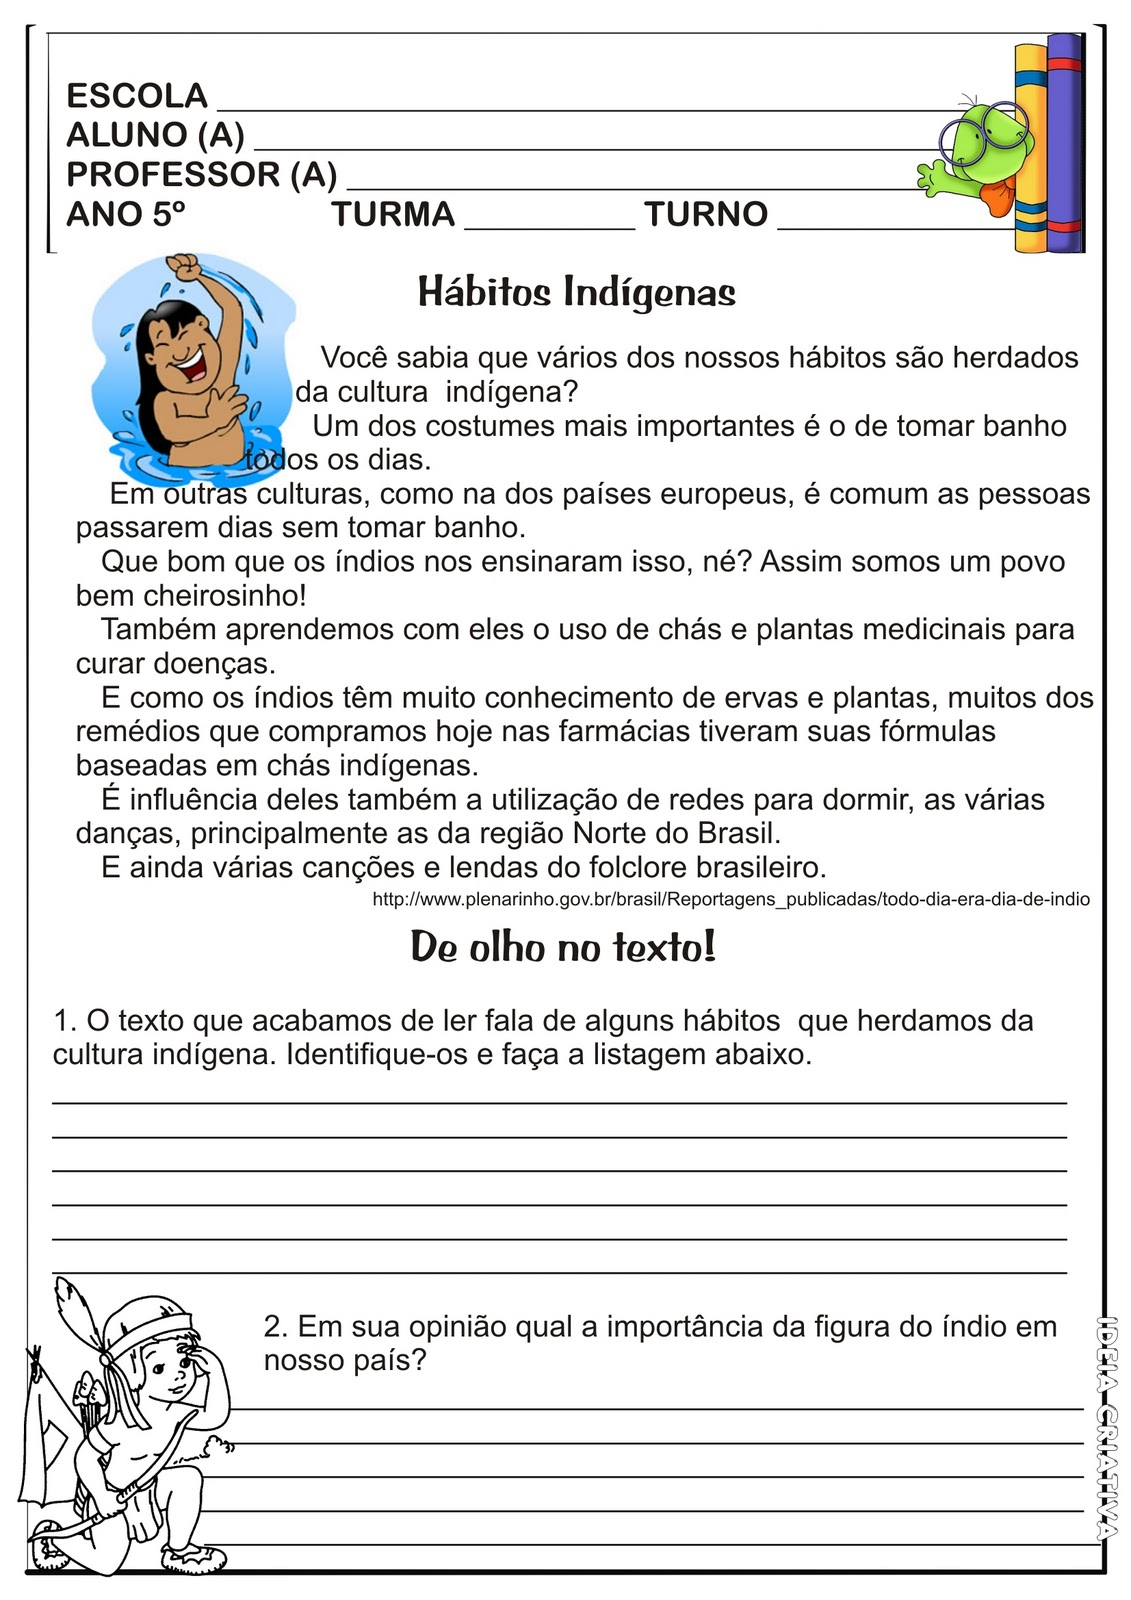 Atividades de Interpretação de Texto 5 ano do Ensino Fundamental